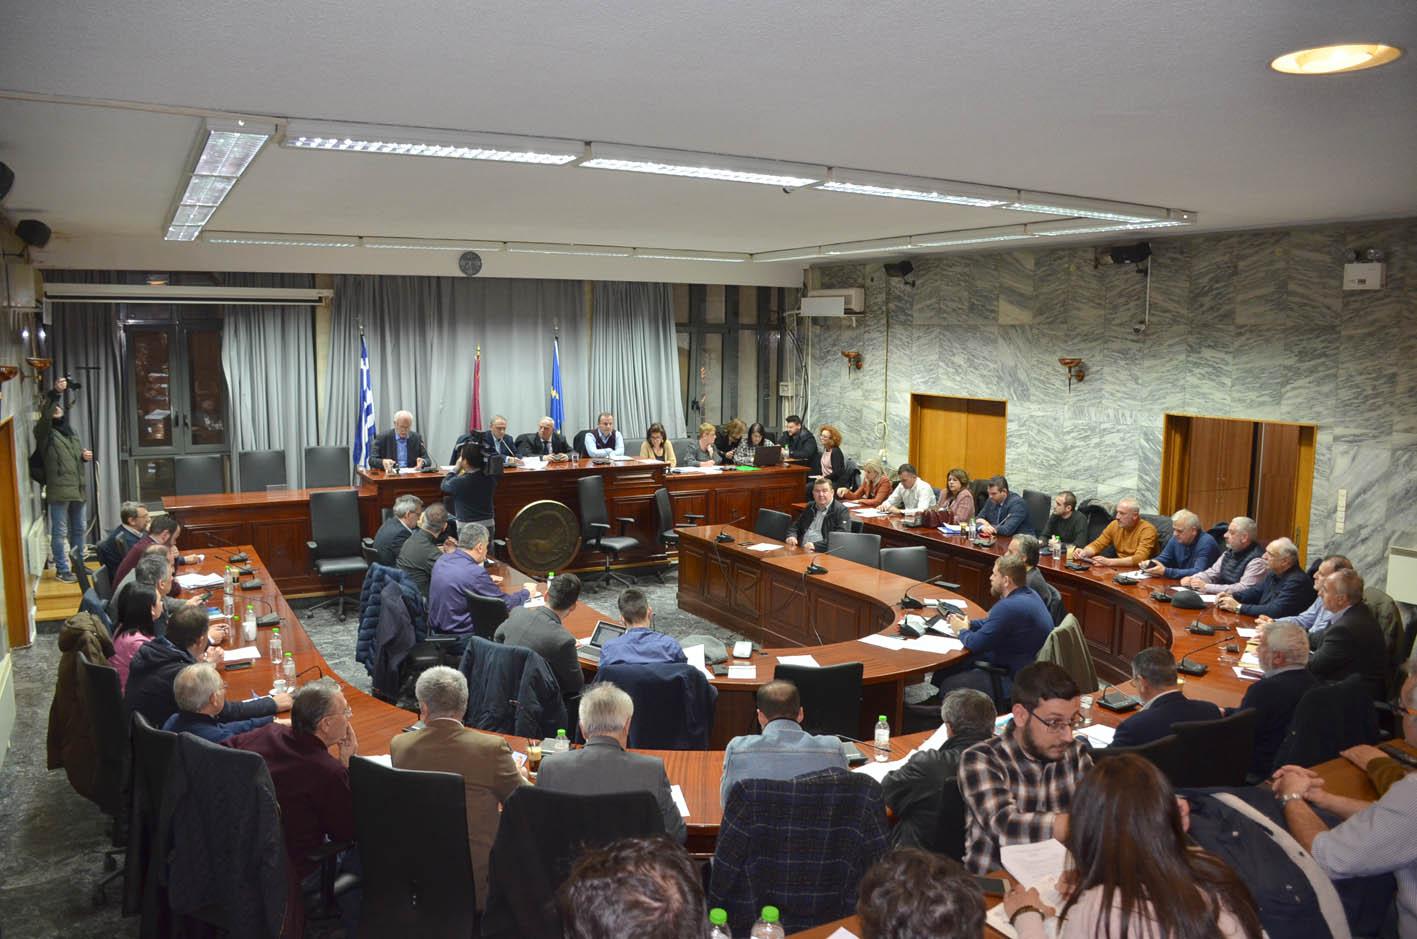 Ομόφωνα ψηφίσματα του Δημοτικού Συμβουλίου